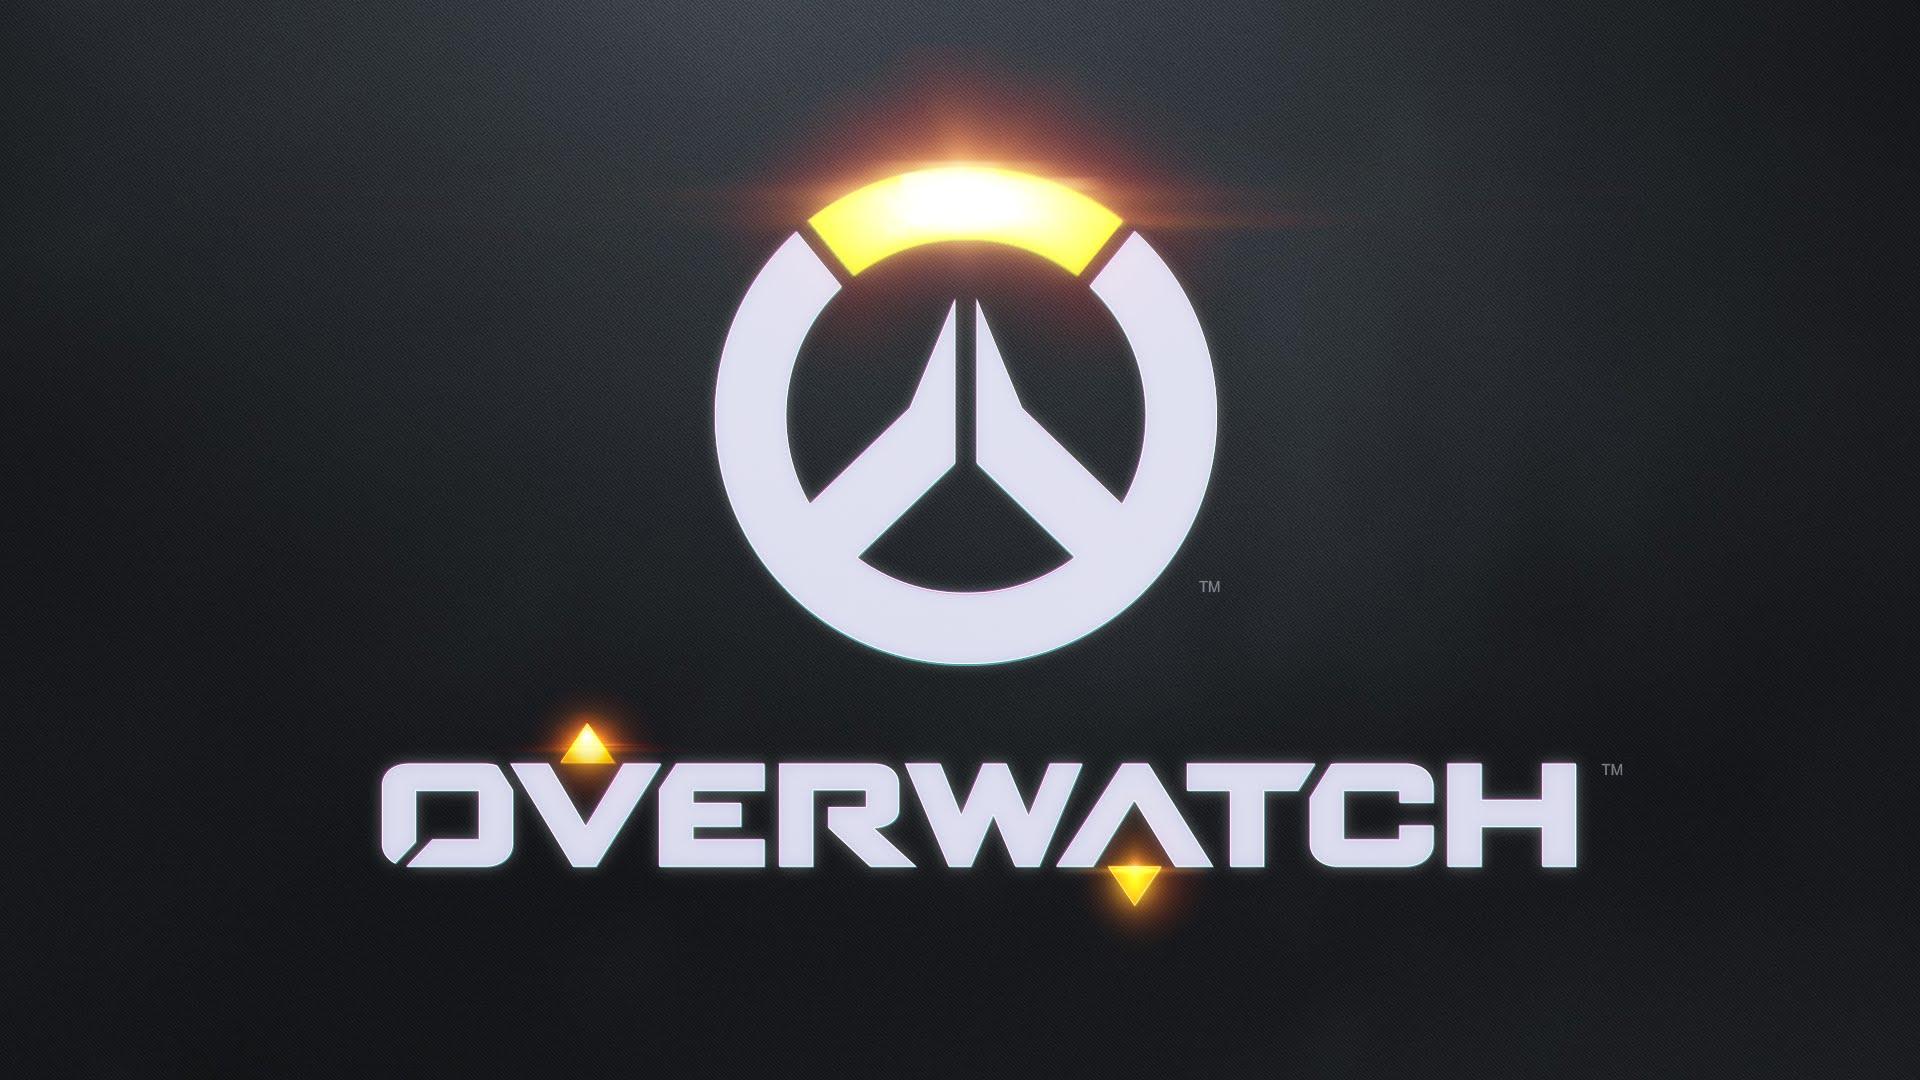 Overwatch : nouvelle cinématique et bêta ouverte